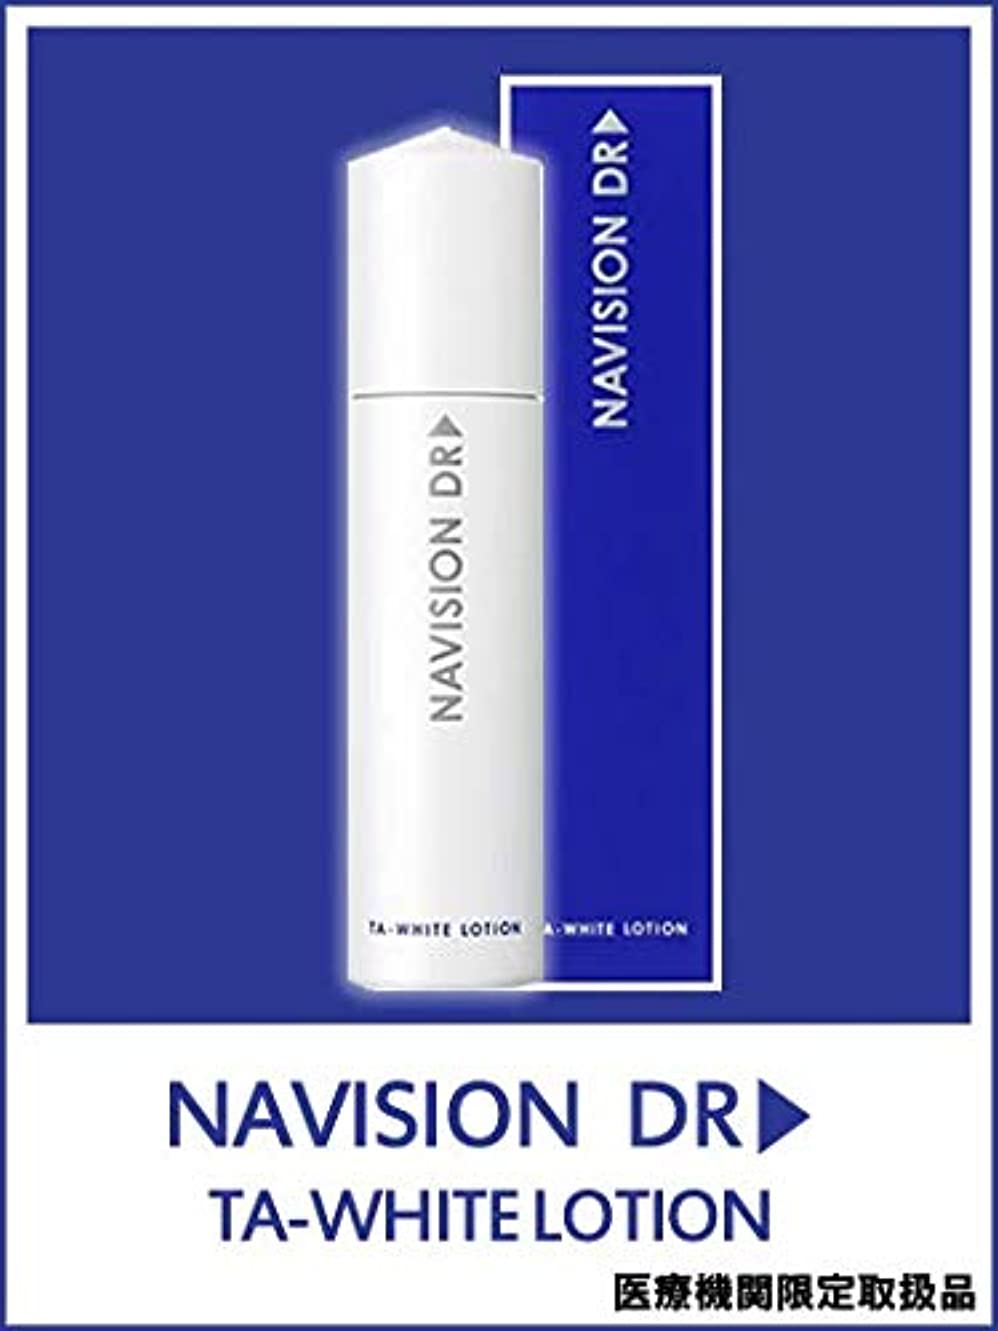 禁止する戦艦衛星NAVISION DR? ナビジョンDR TAホワイトローションn(医薬部外品) 150mL